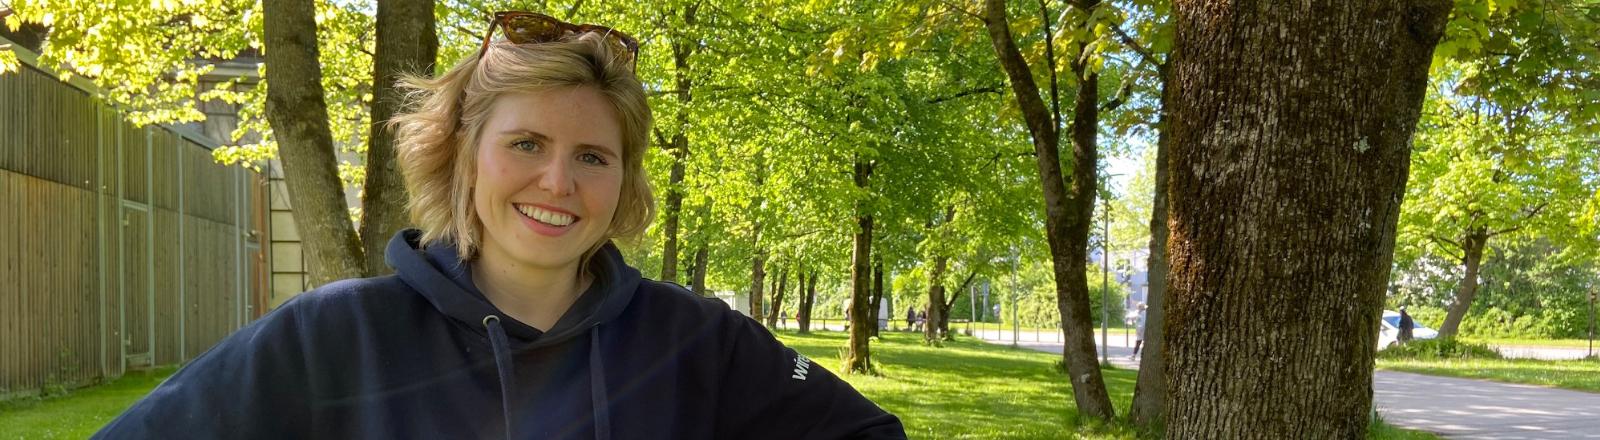 Bild der Gesprächspartnerin Julia, einer jungen Frau mit blonden Haaren. Sie hat einen schwarzen Pulli und eine Sonnenbrille an